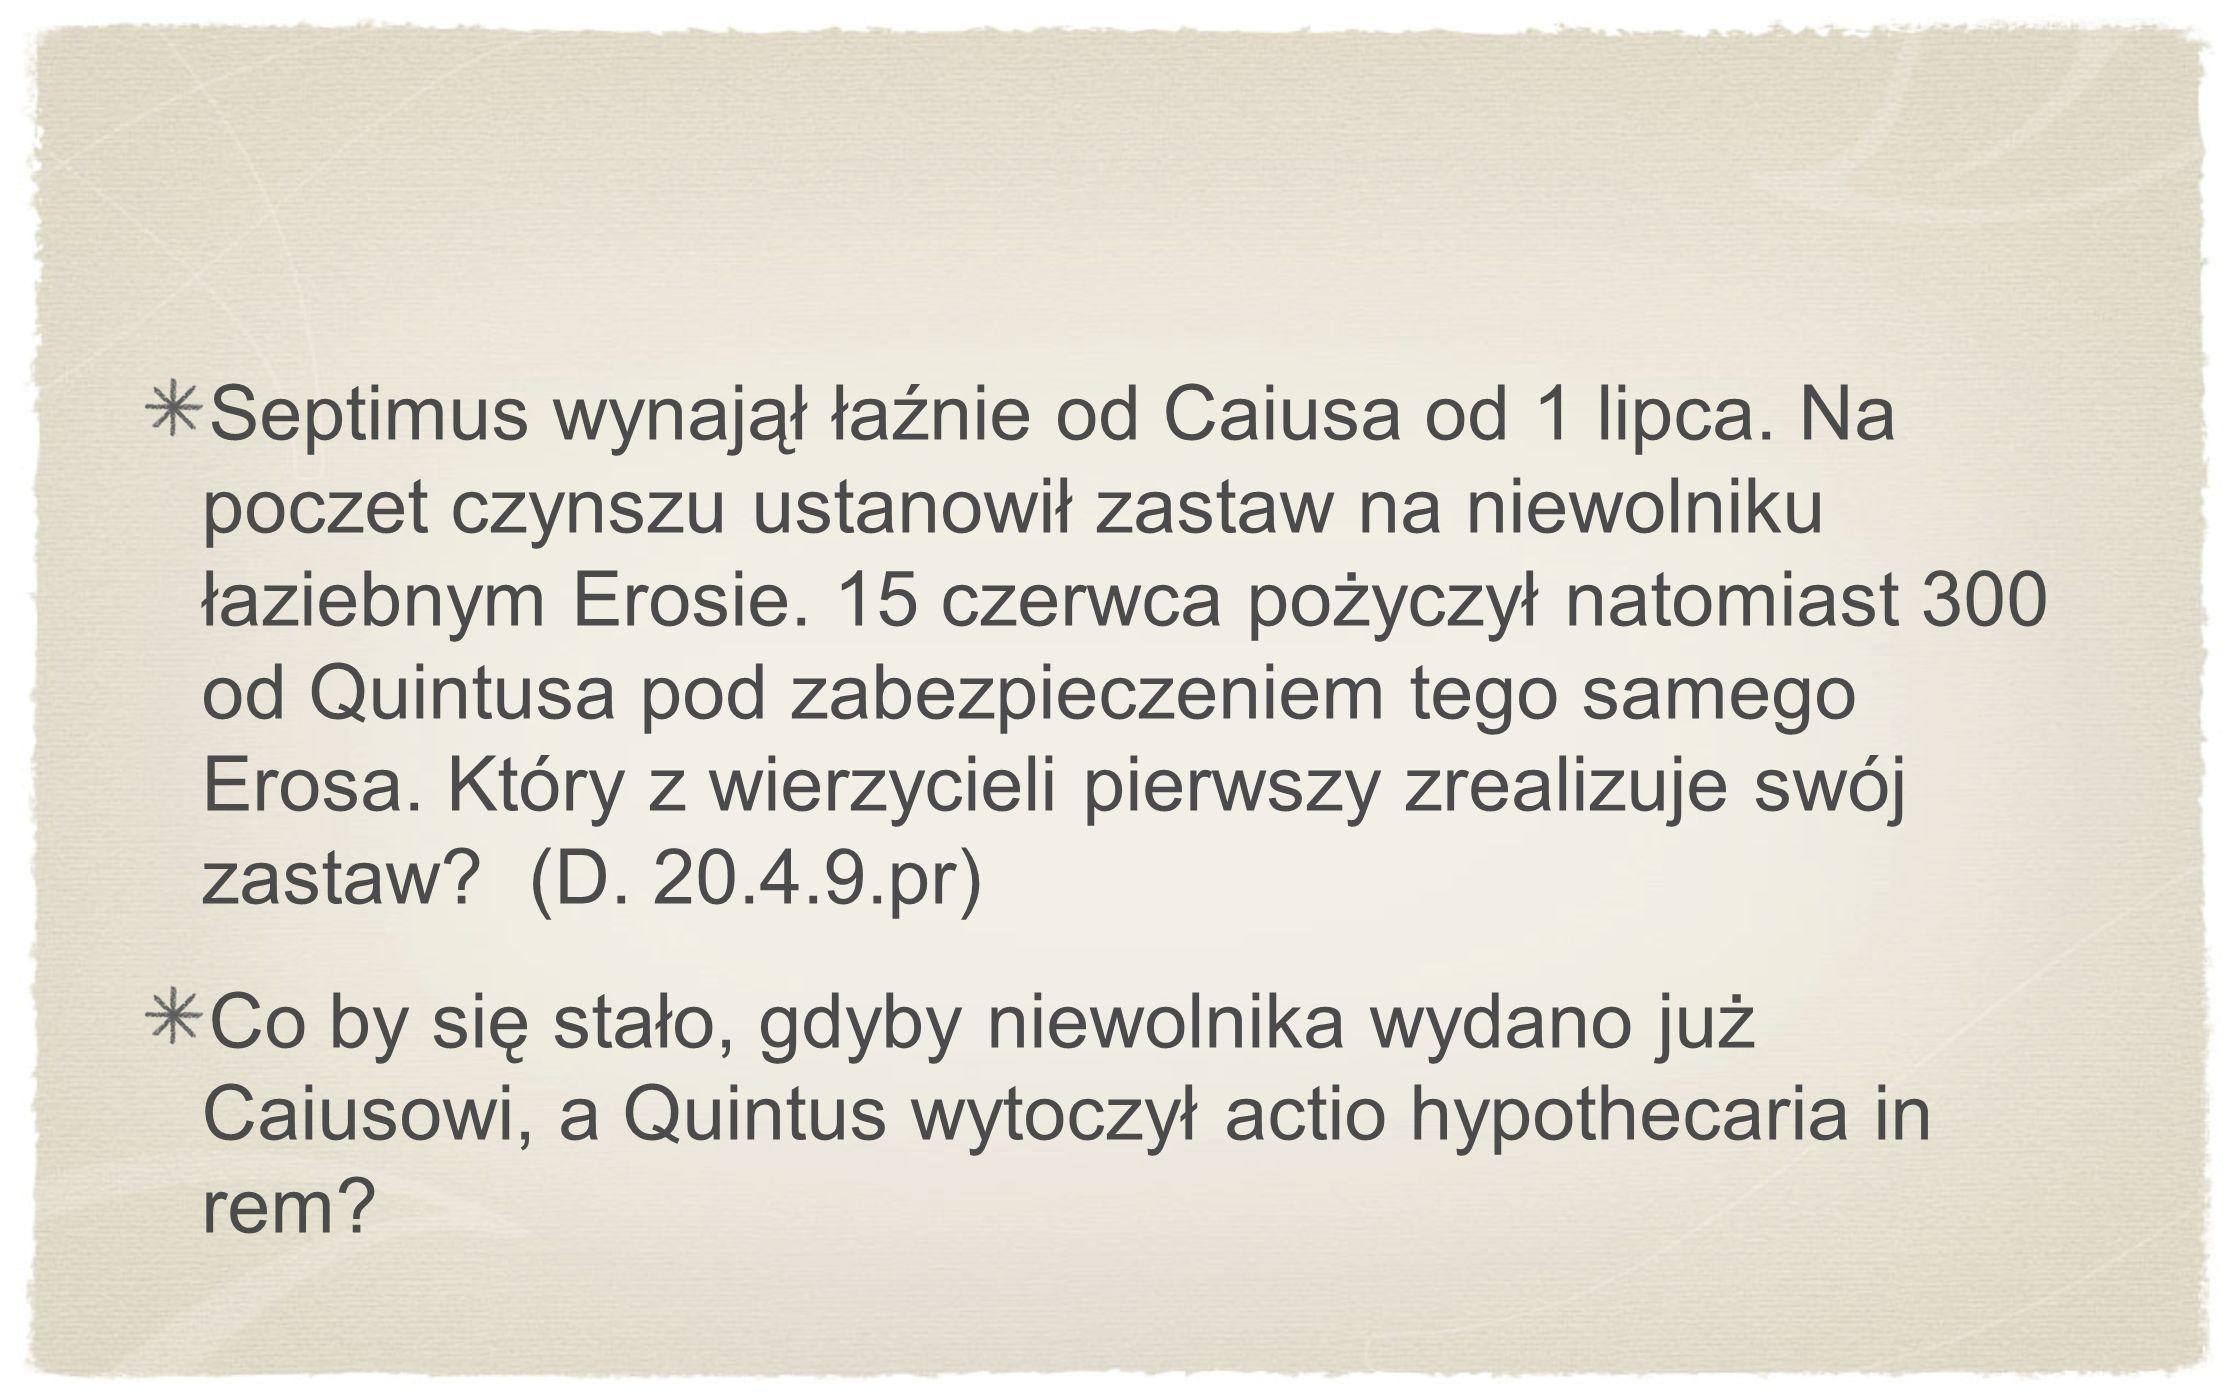 Septimus wynajął łaźnie od Caiusa od 1 lipca